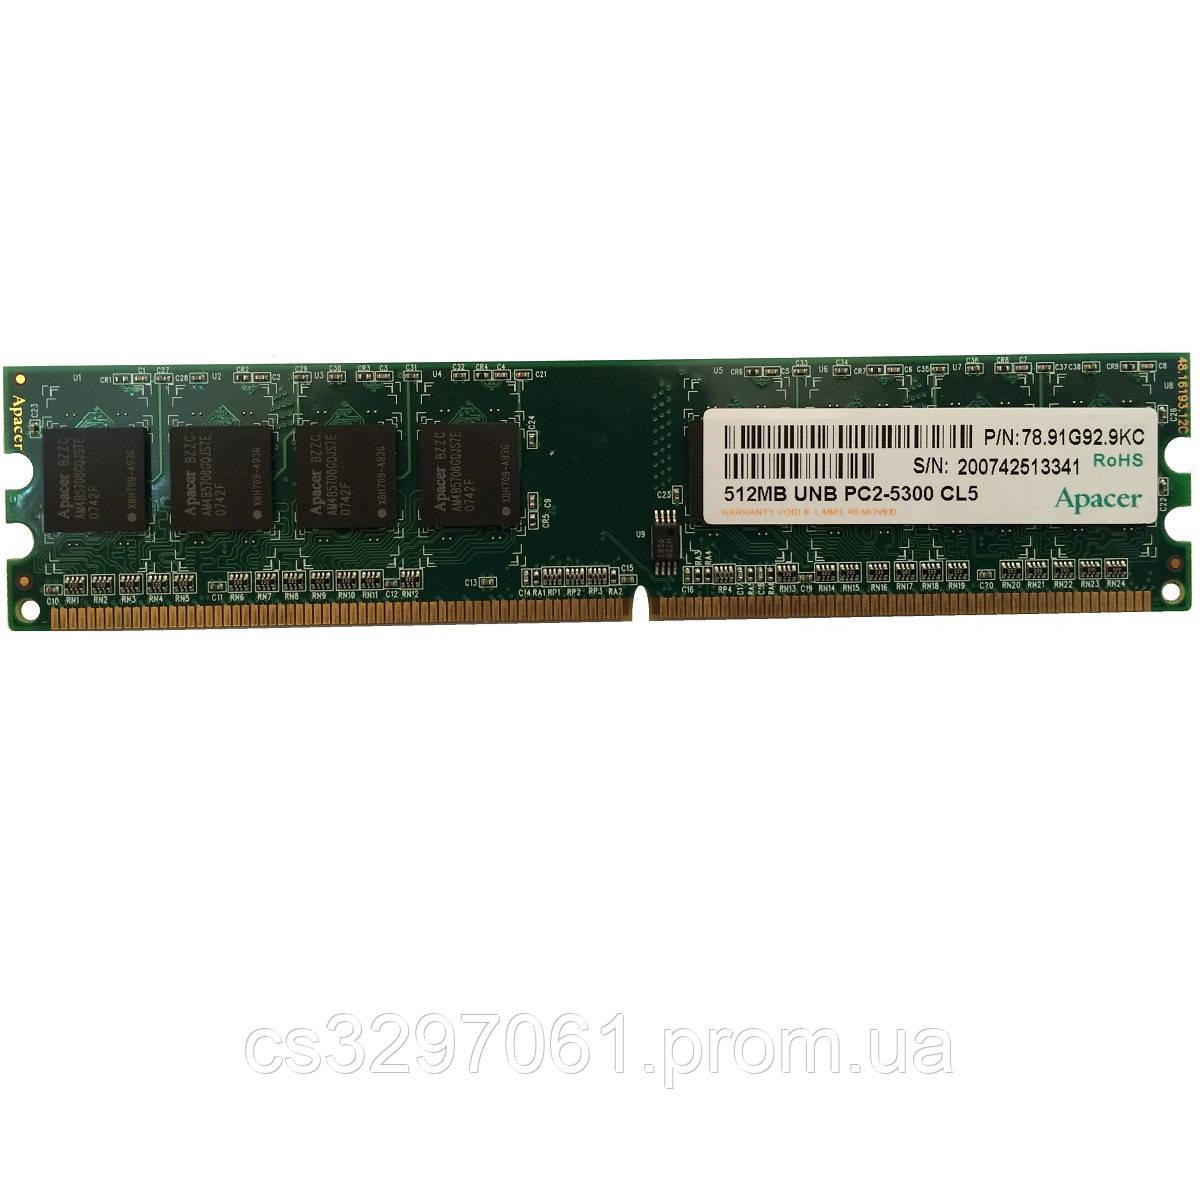 Модуль памяти DDR2 PC2-5300 512Mb